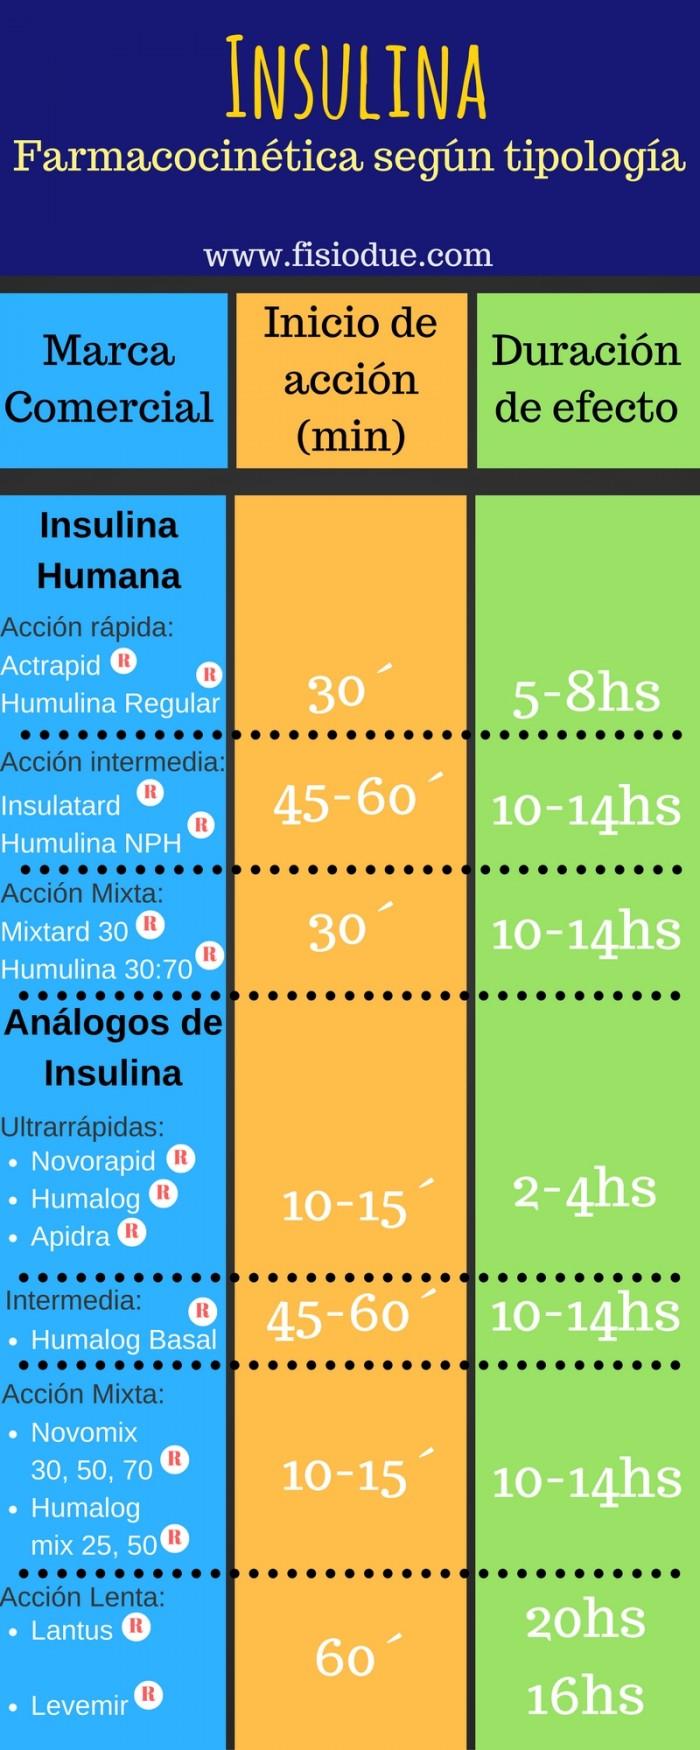 Insulinas y farmacocinética